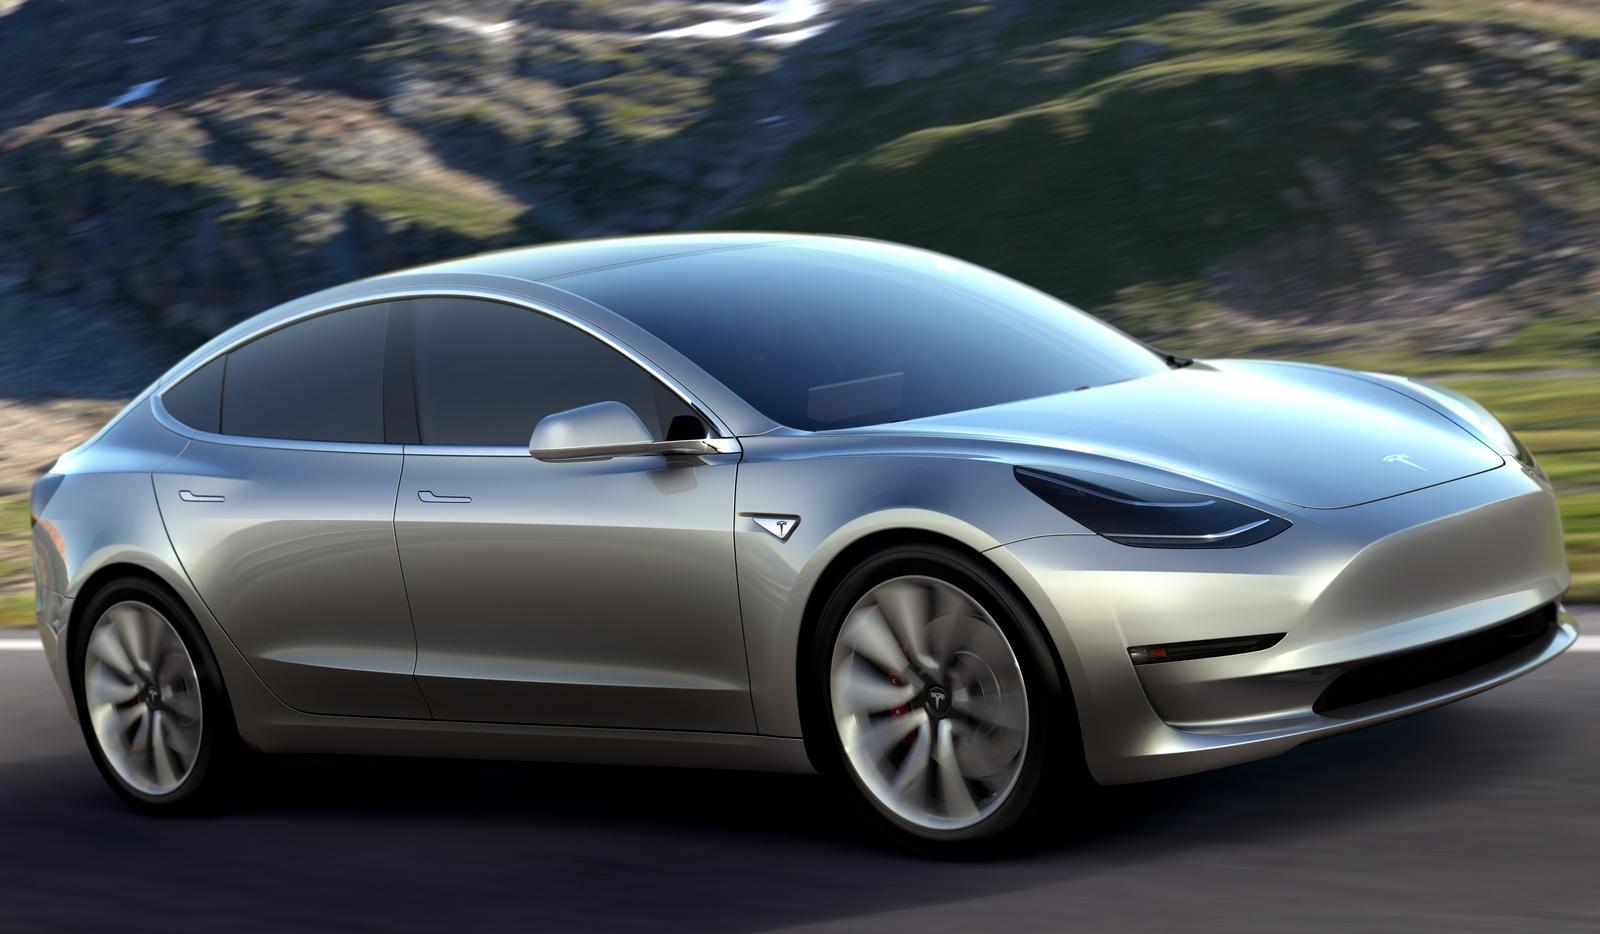 2018 Tesla Model 3 - Overview - CarGurus